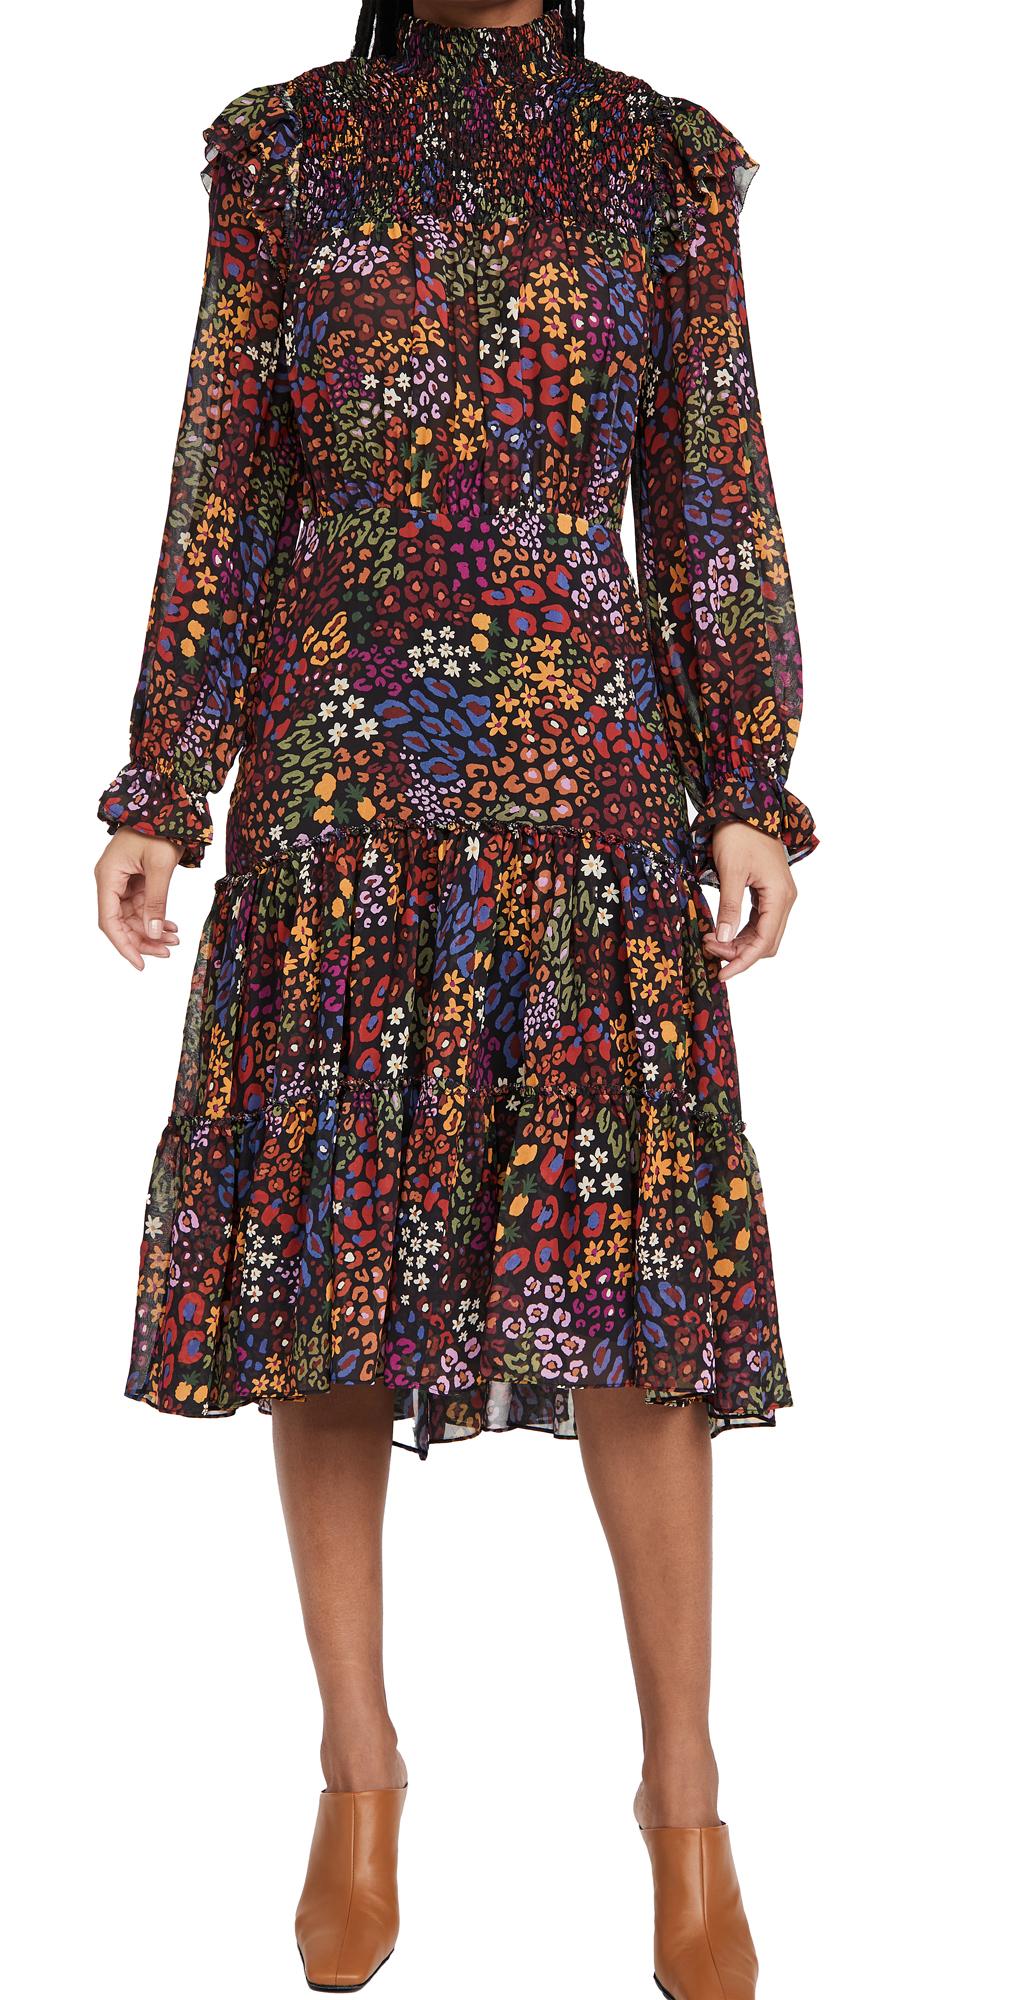 FARM Rio Wild Mix Midi Dress